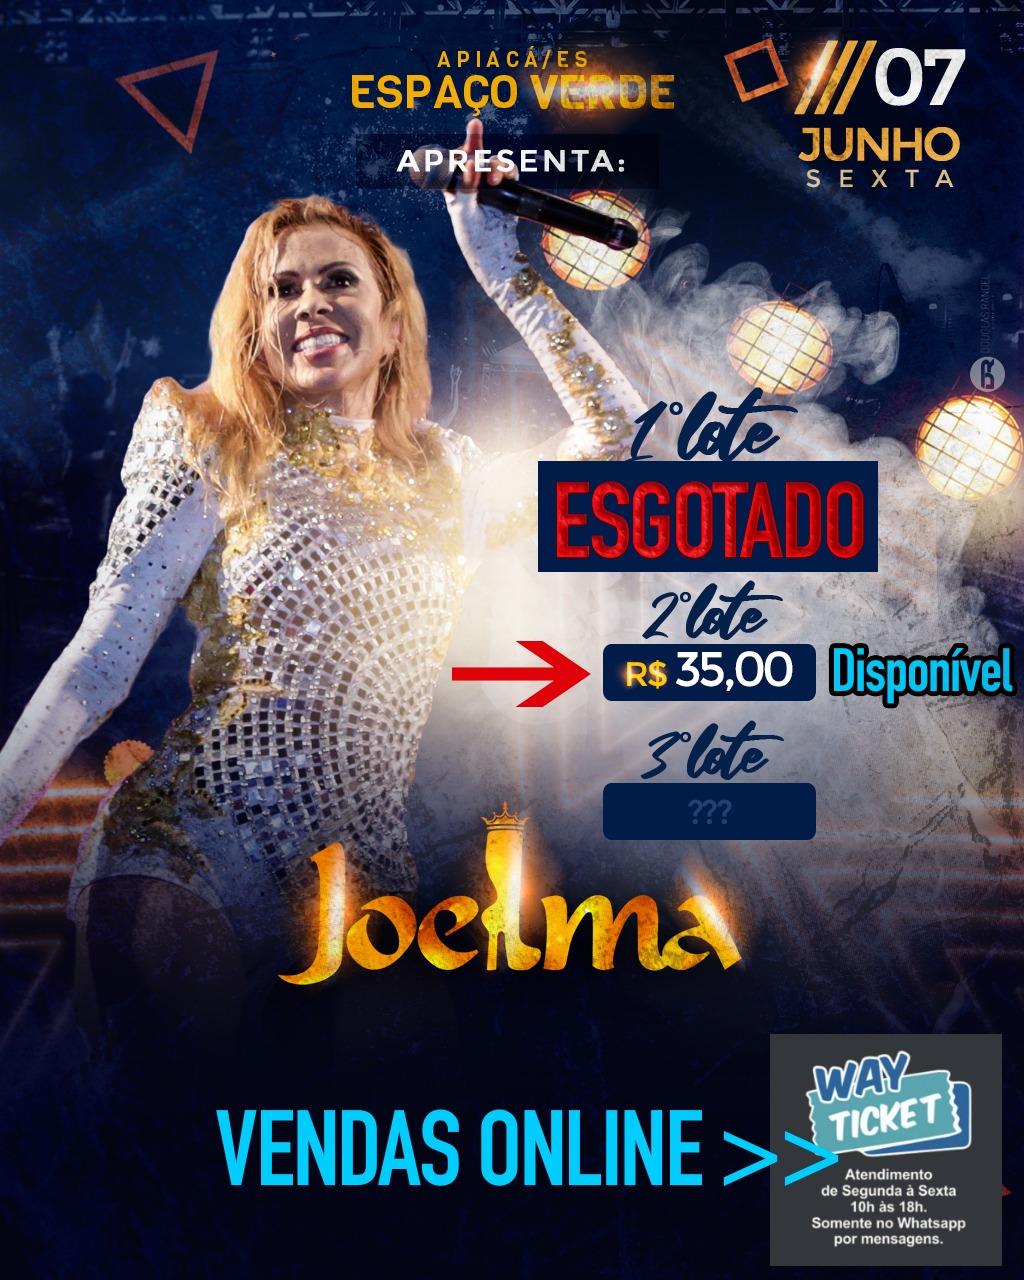 DIA 7 DE JUNHO TEM SHOW DA CANTORA JOELMA NO ESPAÇO VERDE EM IÚRU, DISTRITO DE APIACÁ-ES